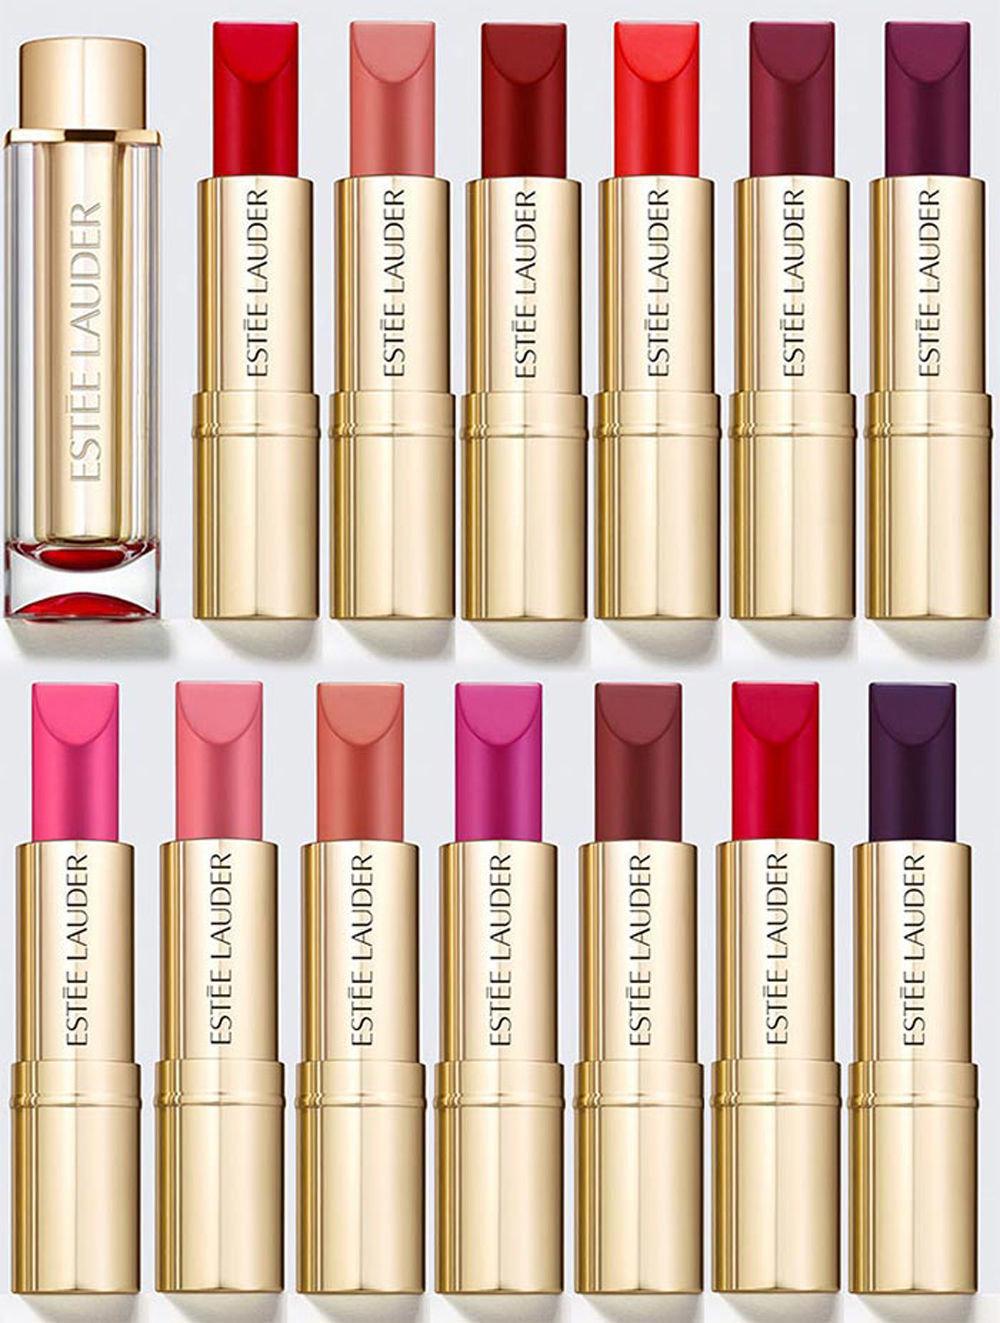 Estee Lauder Pure Color Love Lipstick .12 oz - several shades